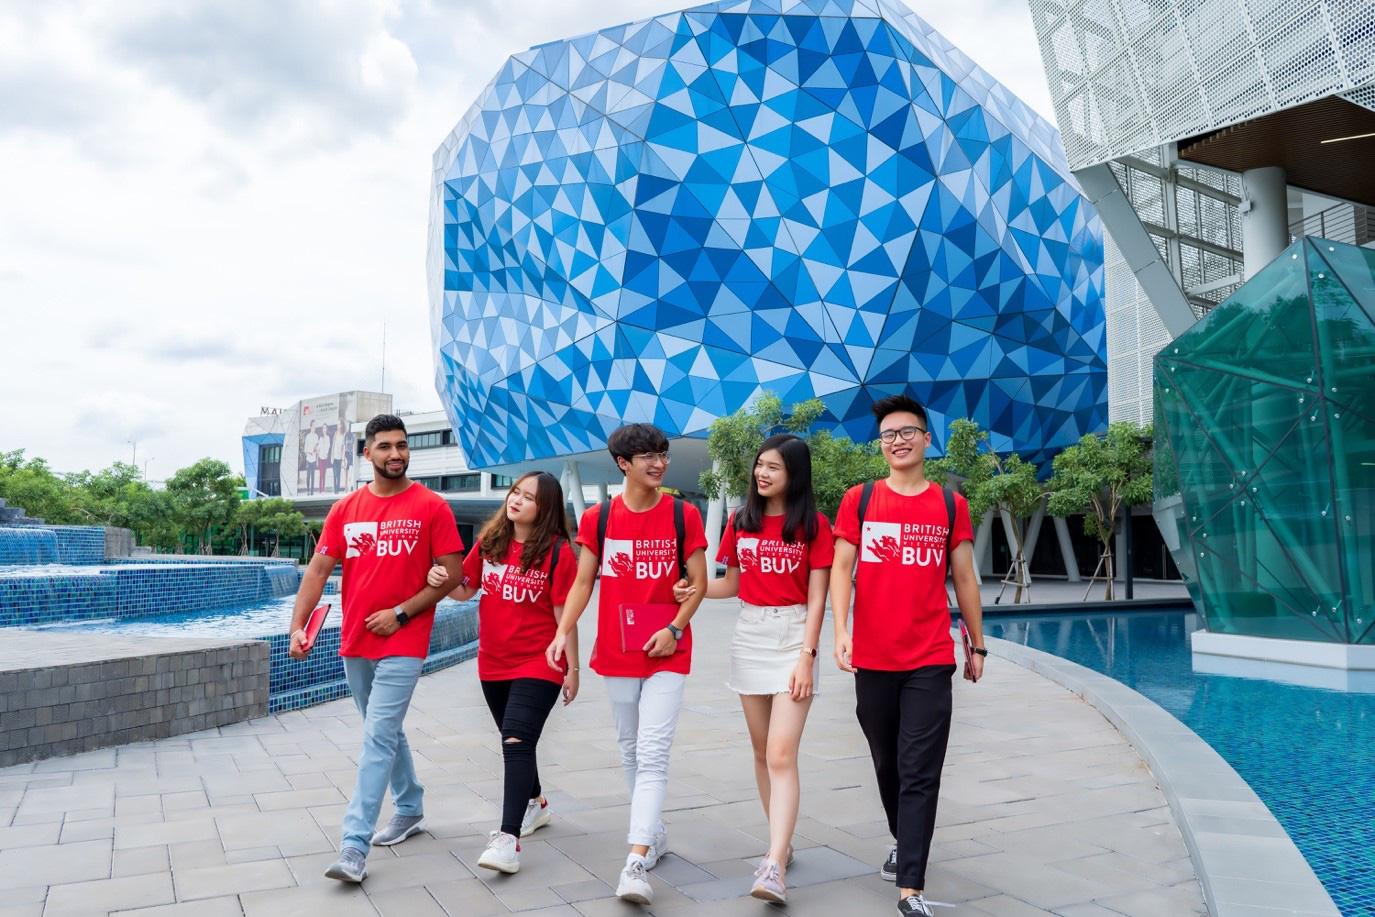 Đông Hà Nội có khu đô thị sở hữu thiết kế cảnh quan đẹp nhất thế giới - Ảnh 9.